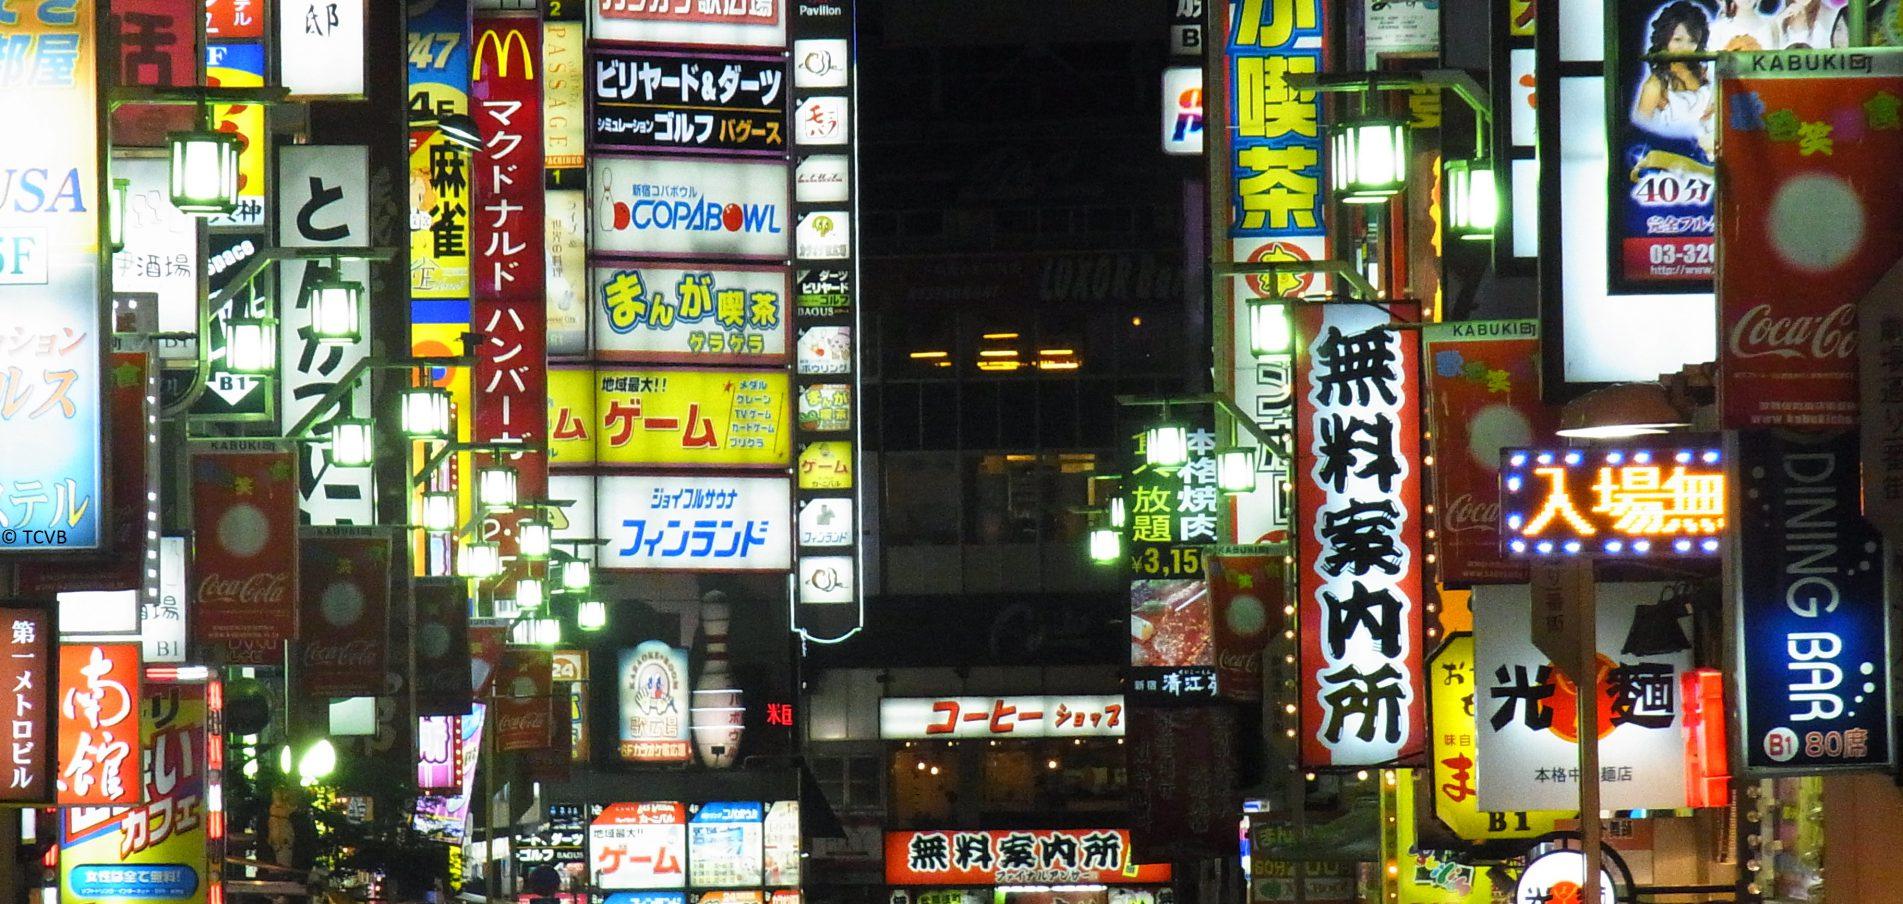 Willkommen in Tokio ... Schrill & Skurril!